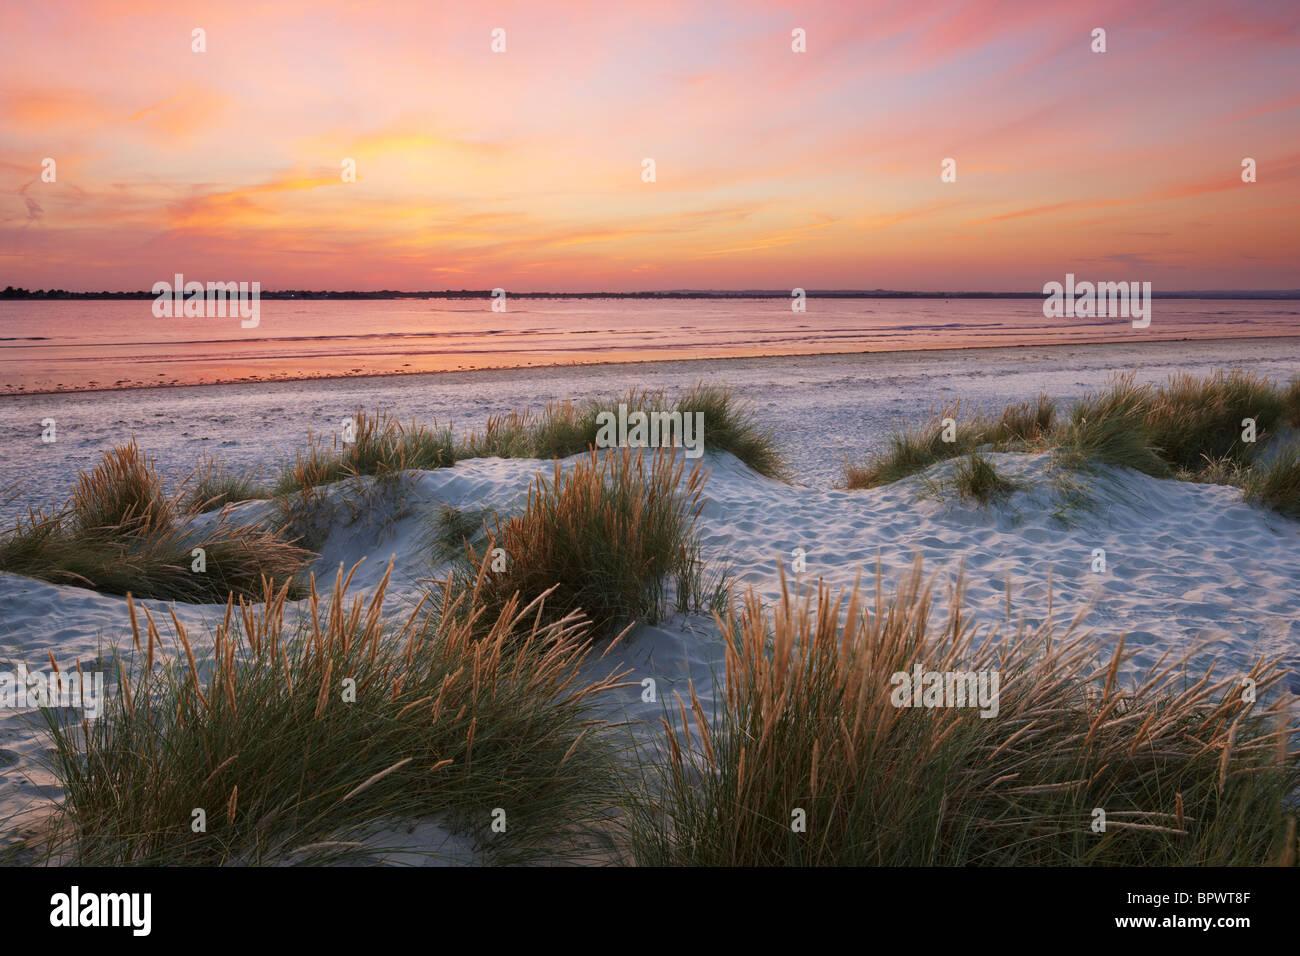 Dunes de sable de l'East West Wittering, tête. Une flèche de sable et de galets située à Photo Stock